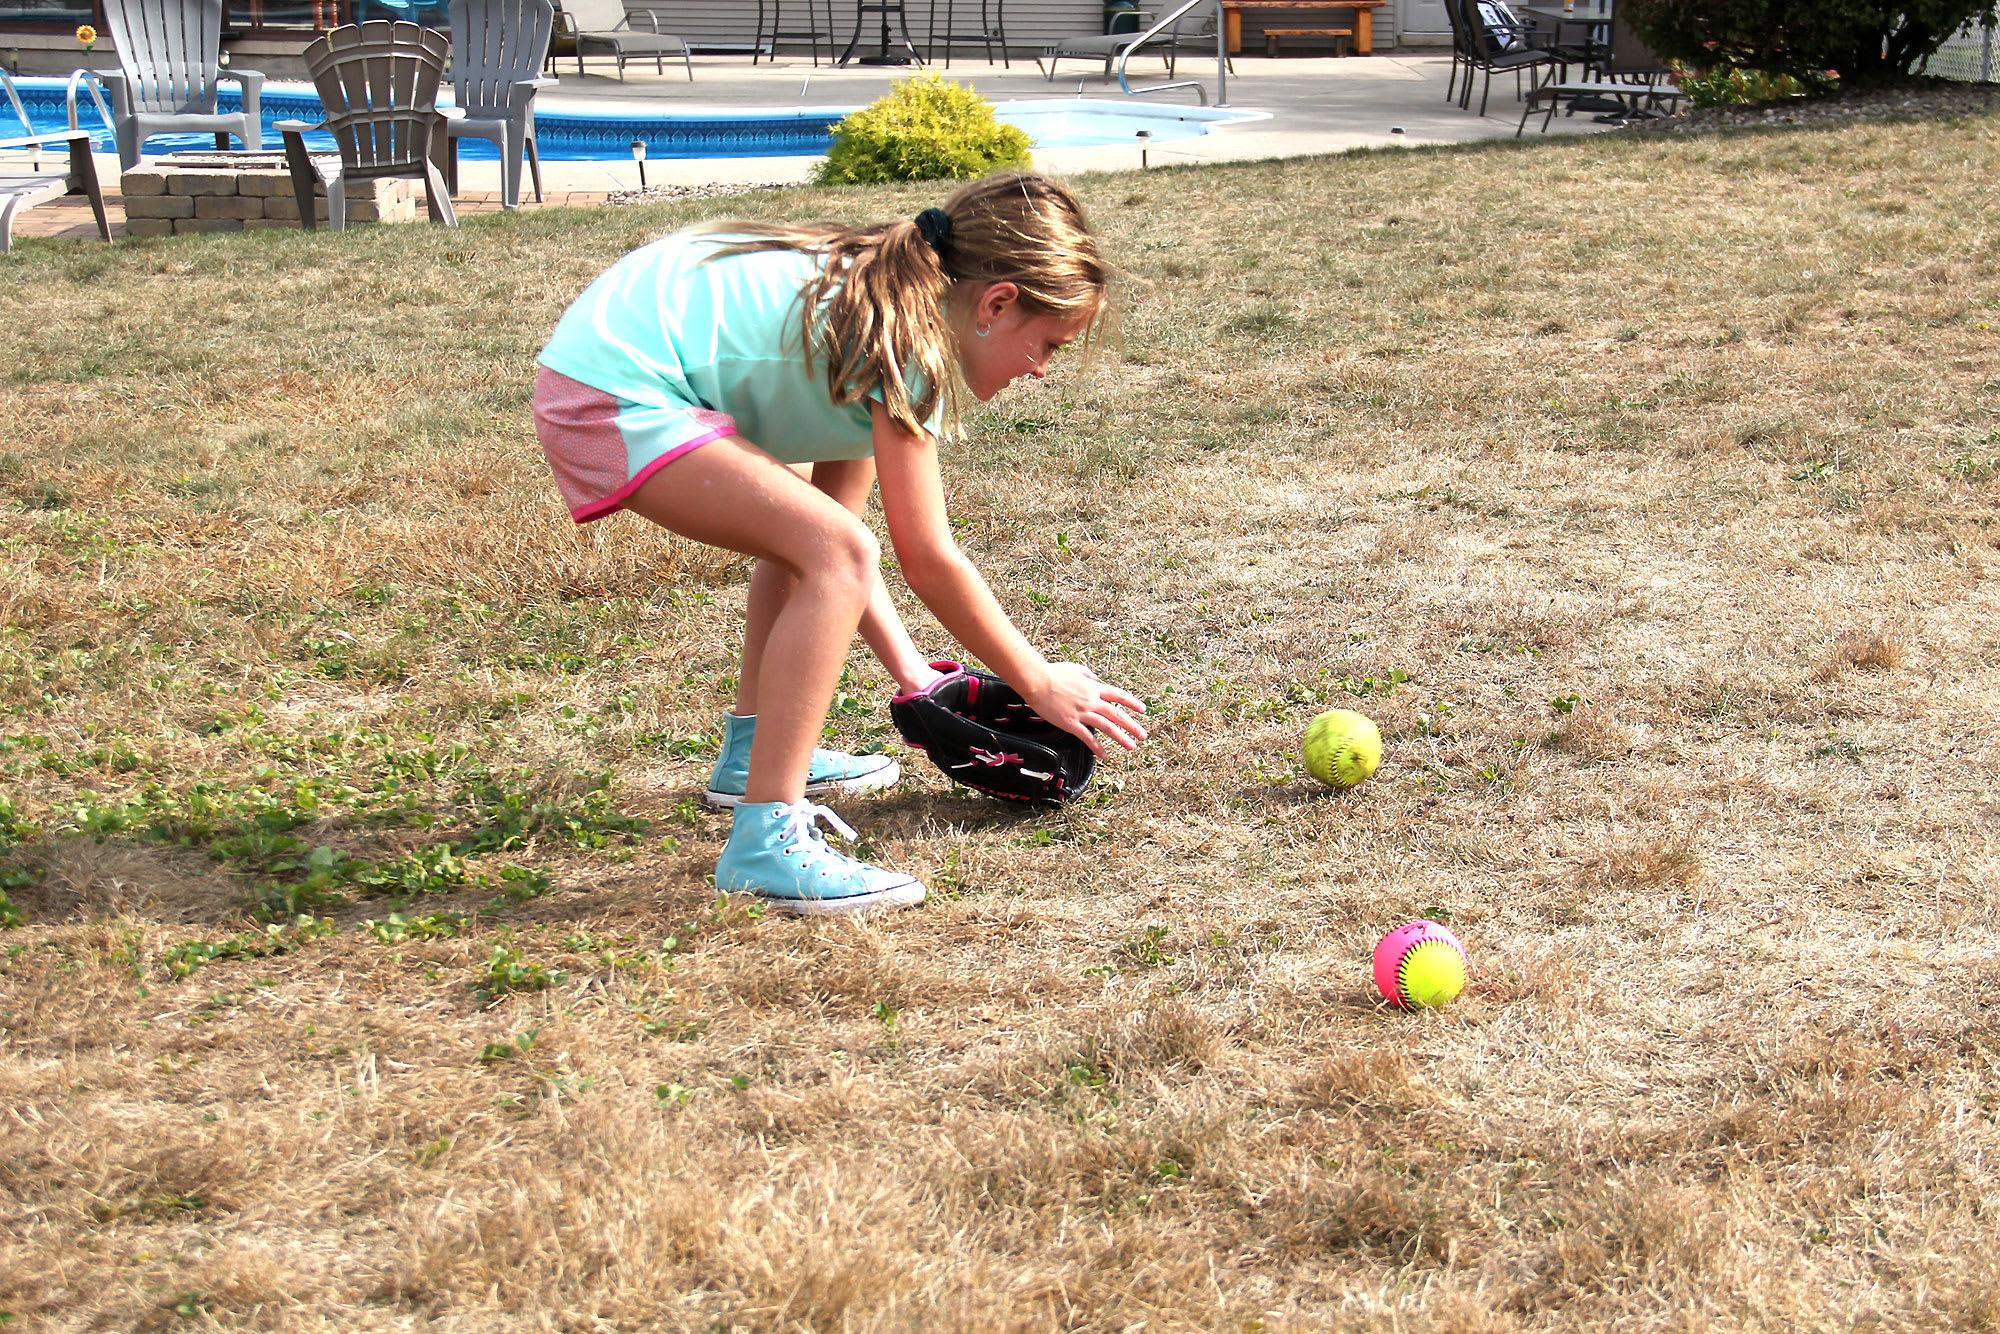 sb player catching ground ball